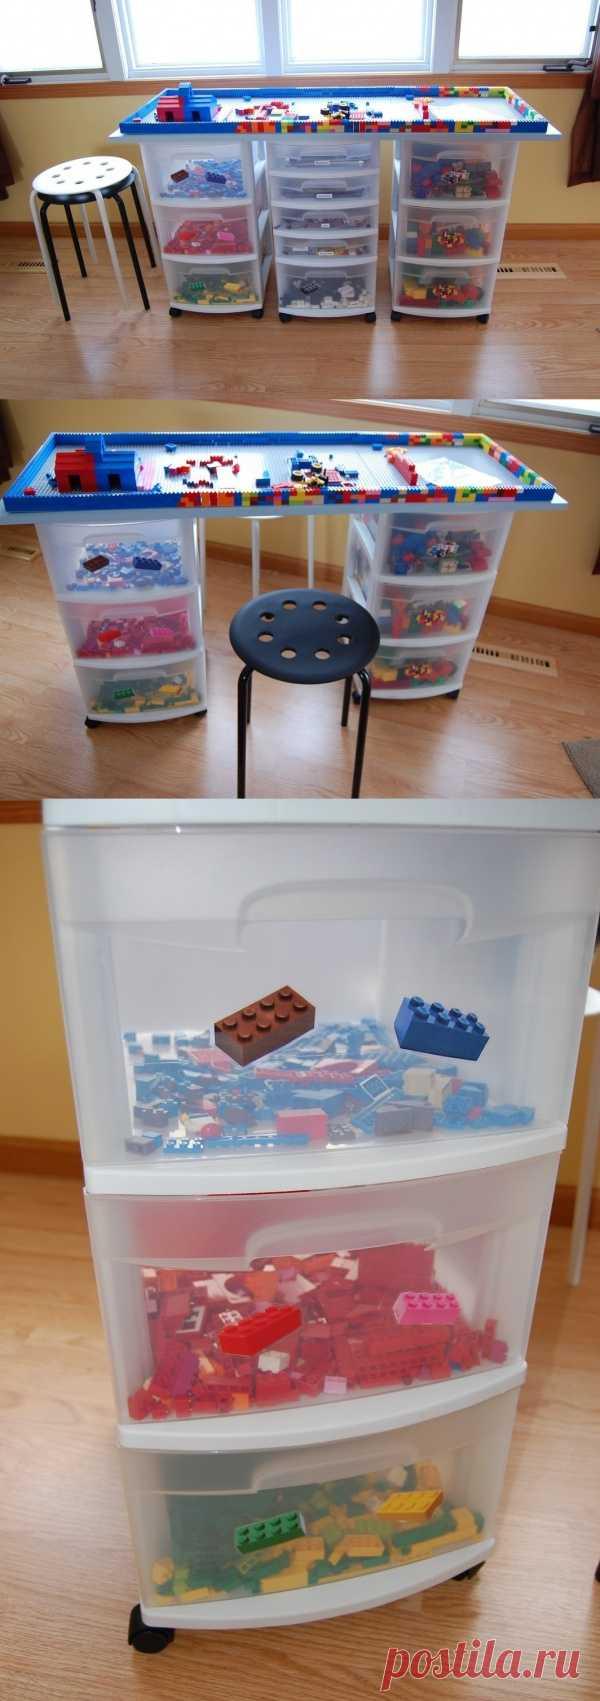 Стол из ящичков с общей столешницей для мелких игрушек.